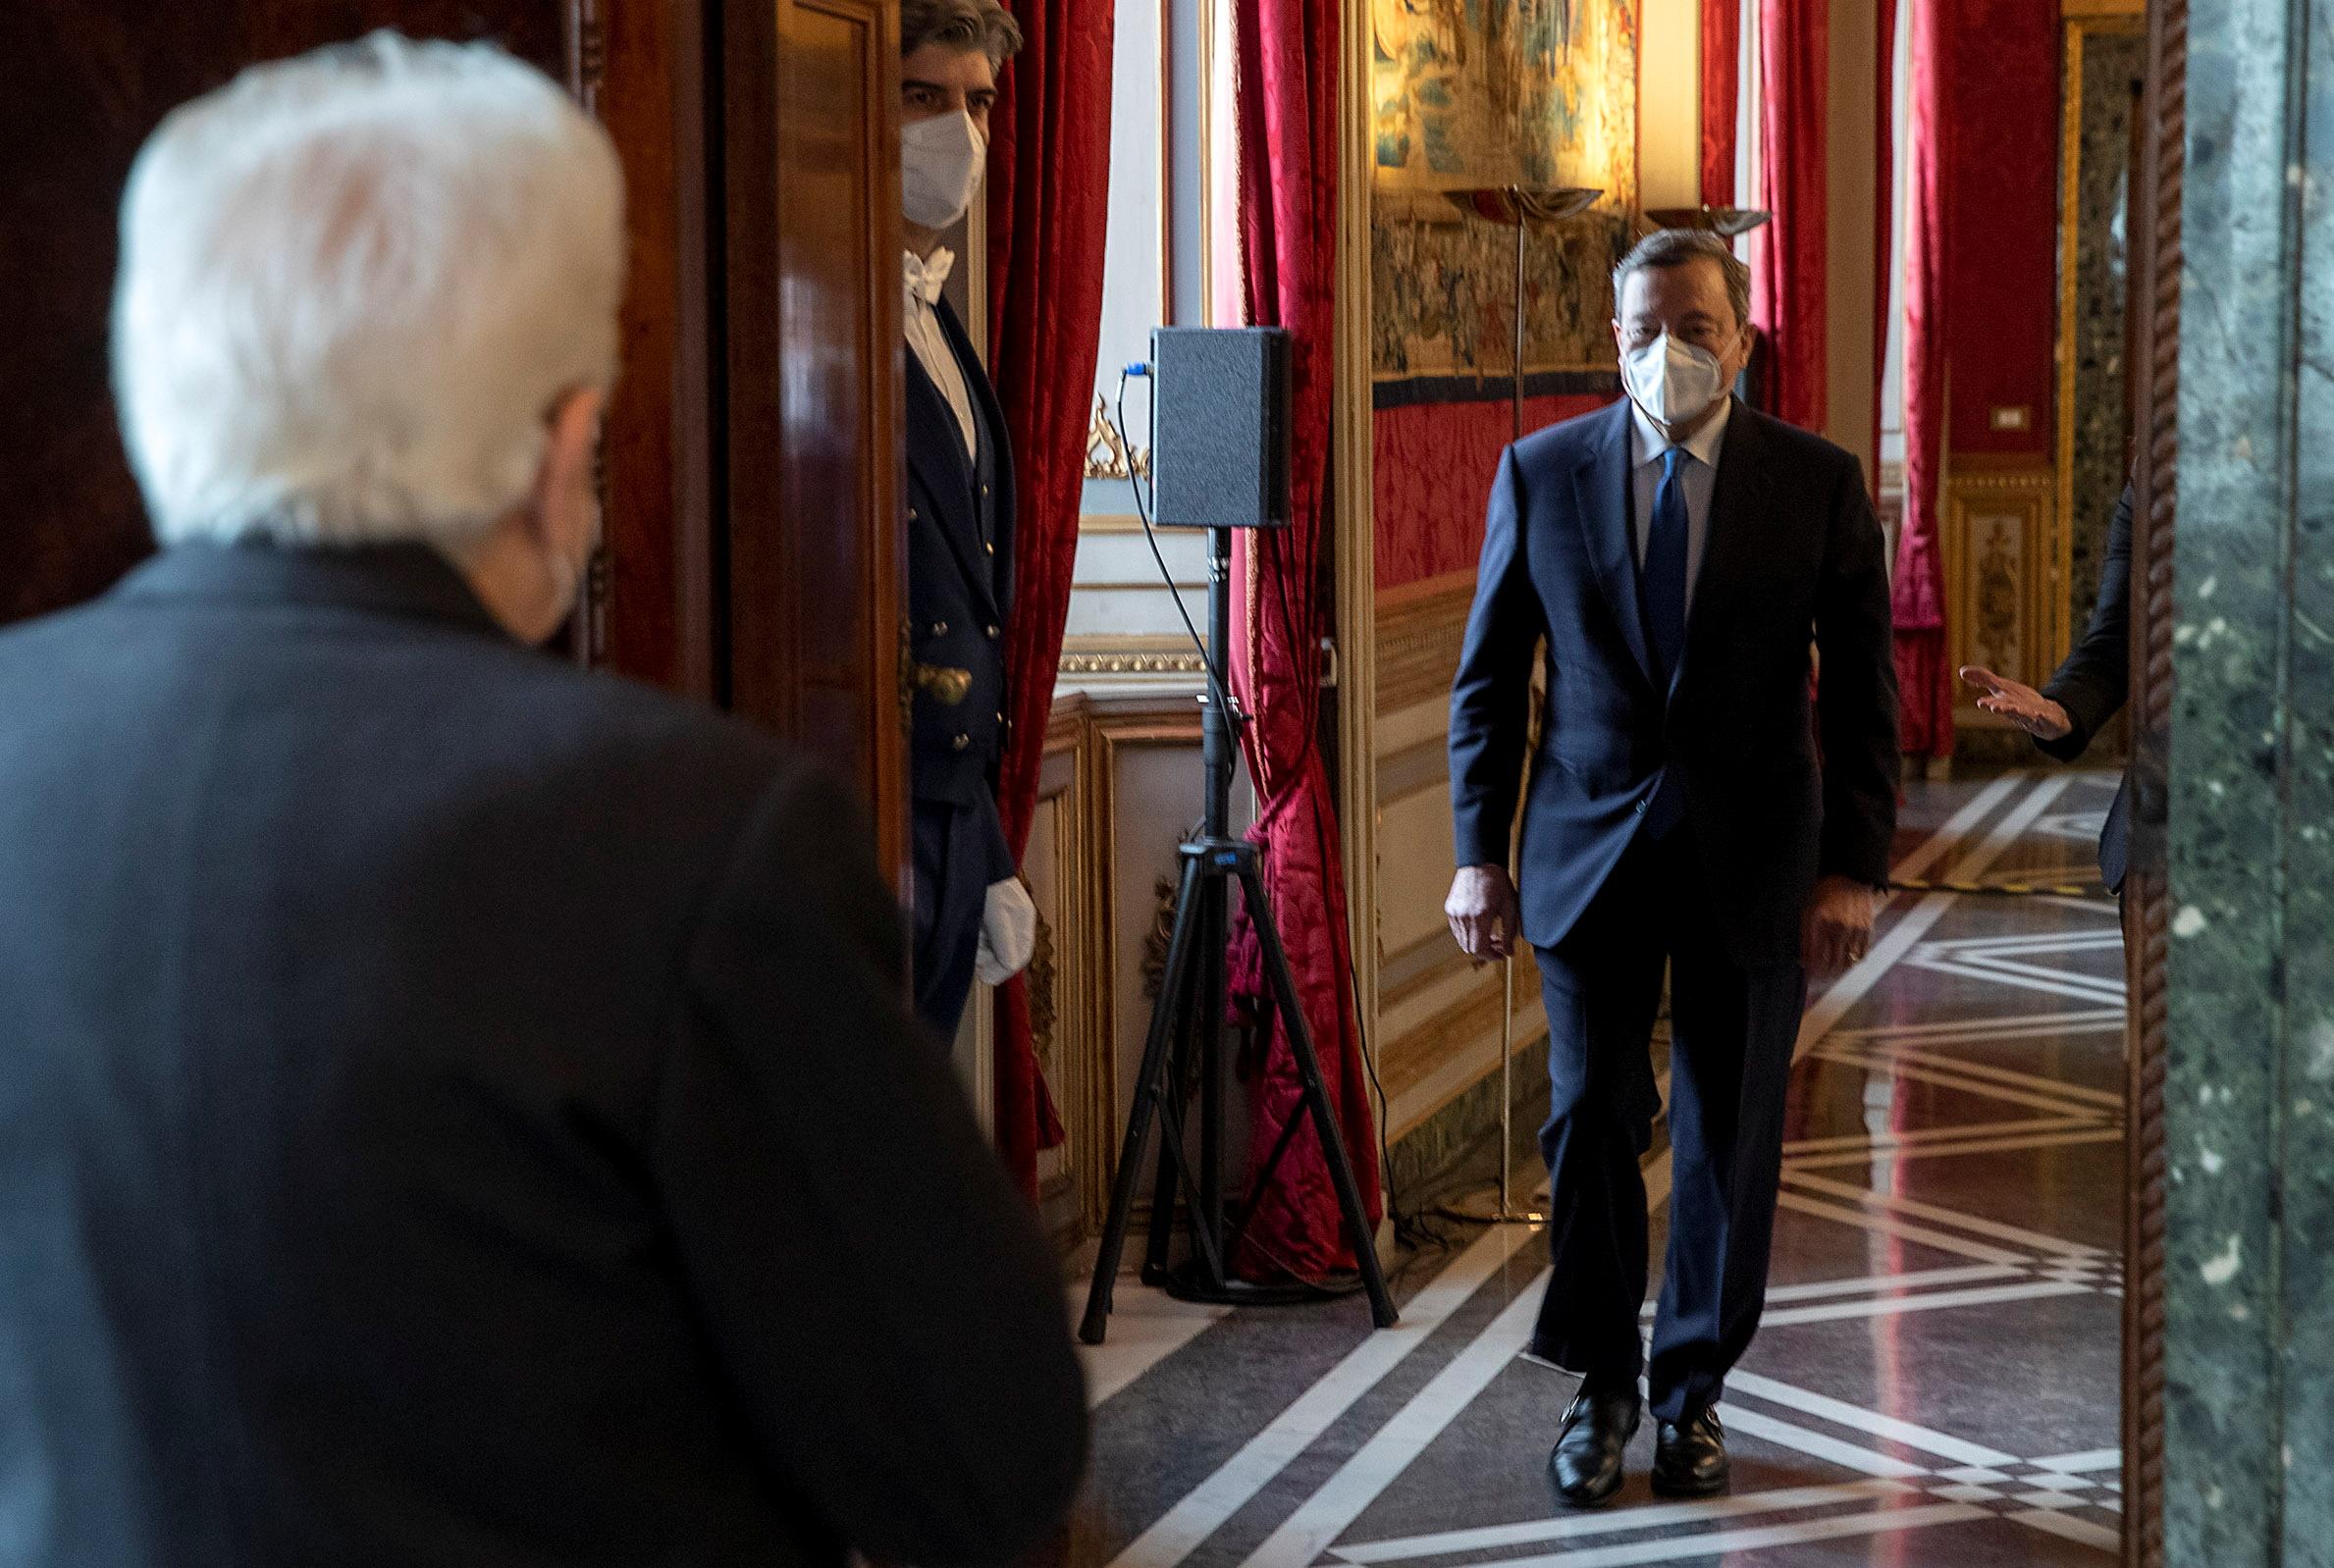 Ο Μάριο Ντράγκι νέος πρωθυπουργός στην Ιταλία